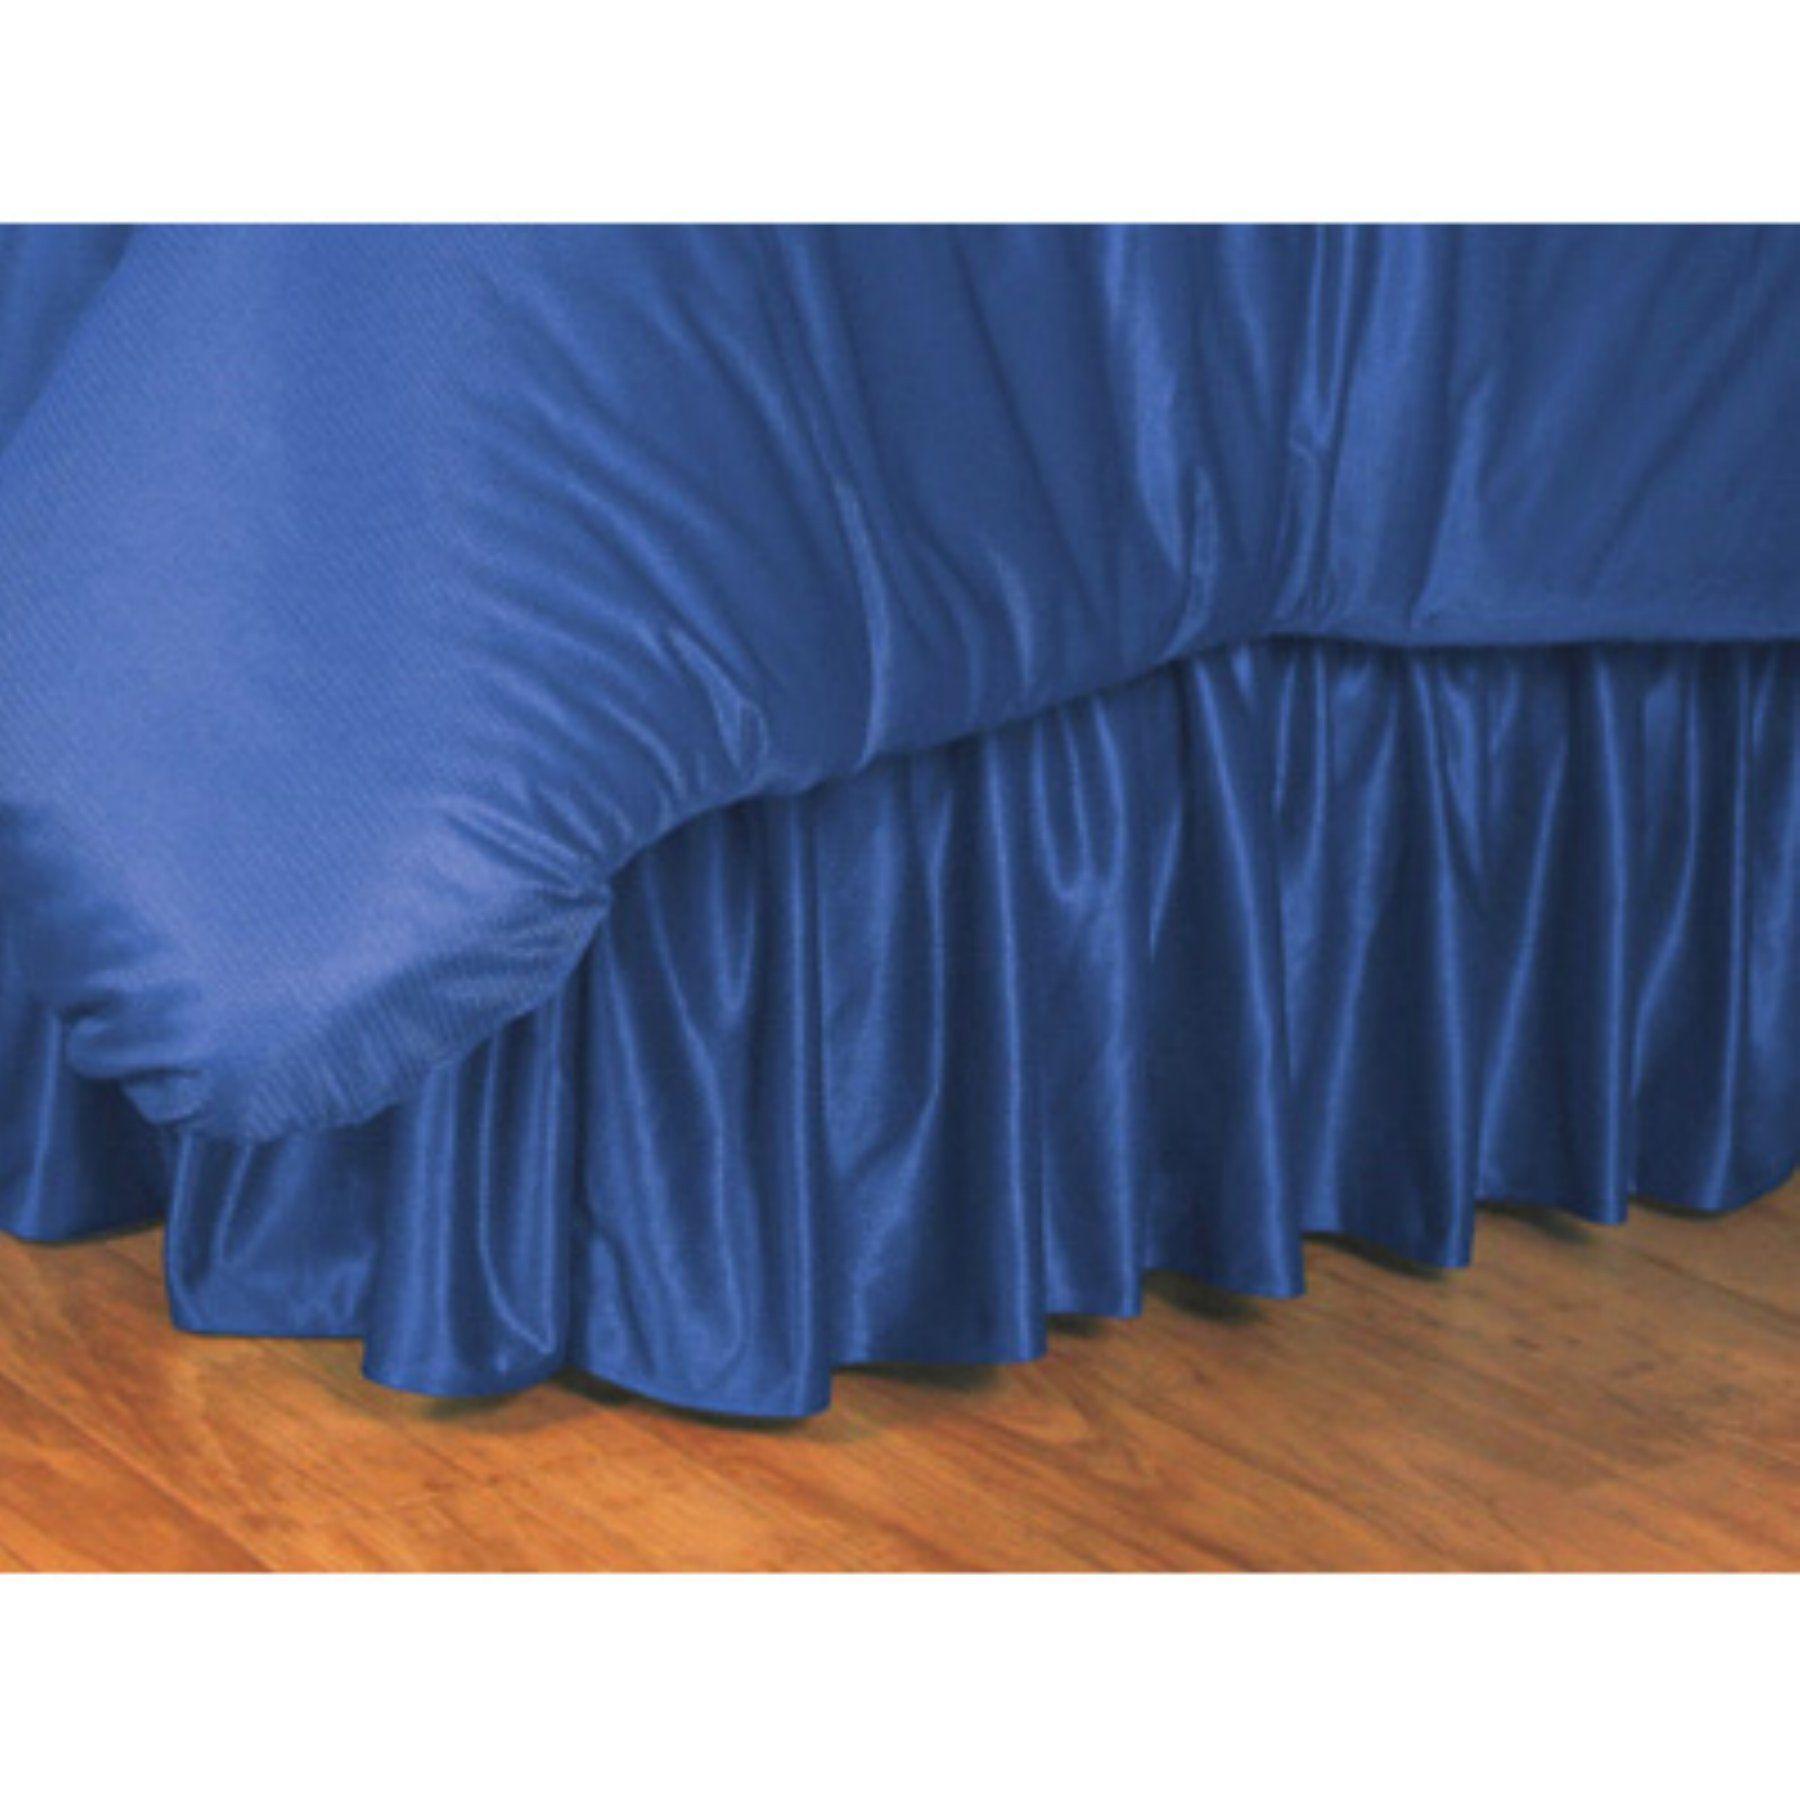 Sports Coverage College Bed skirt 35JRBSK4FLUFULL